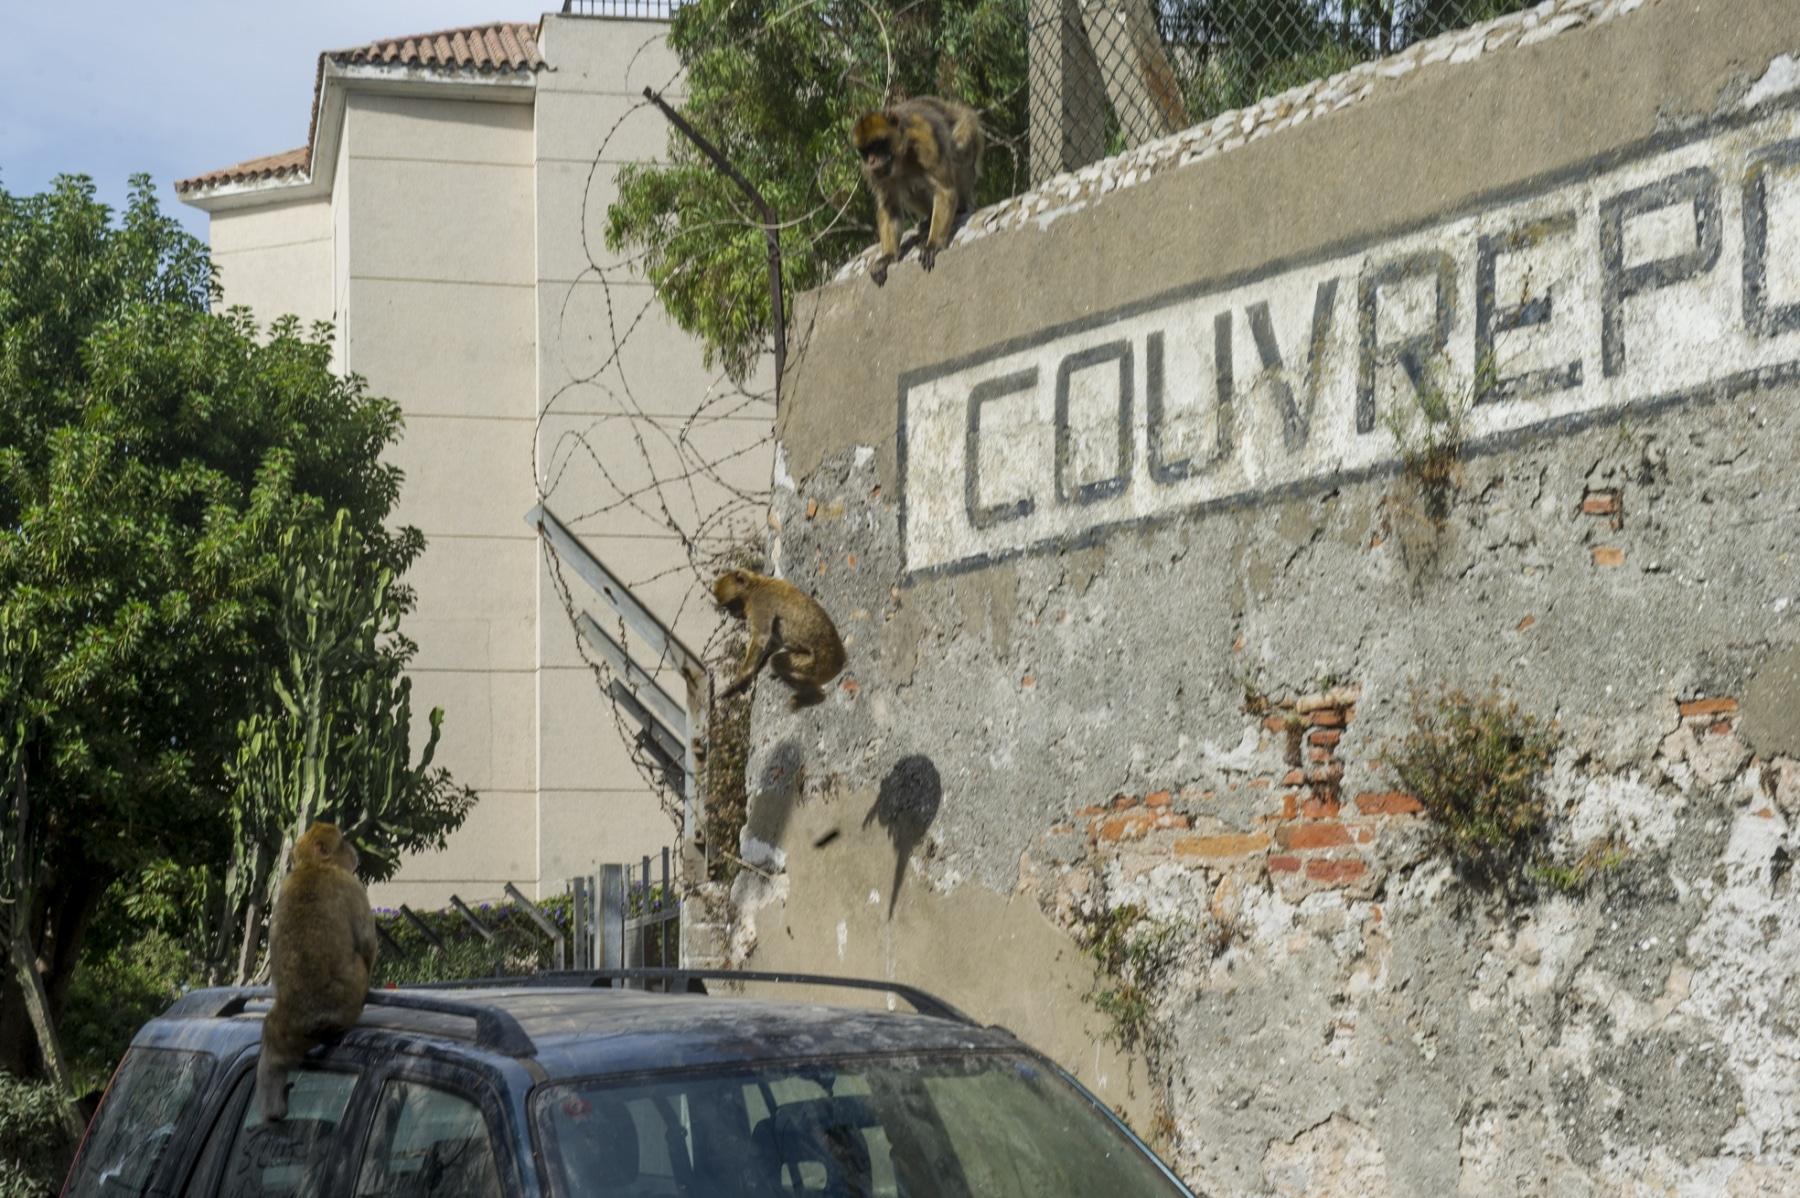 turismo-en-gibraltar-092015-676_22730312622_o